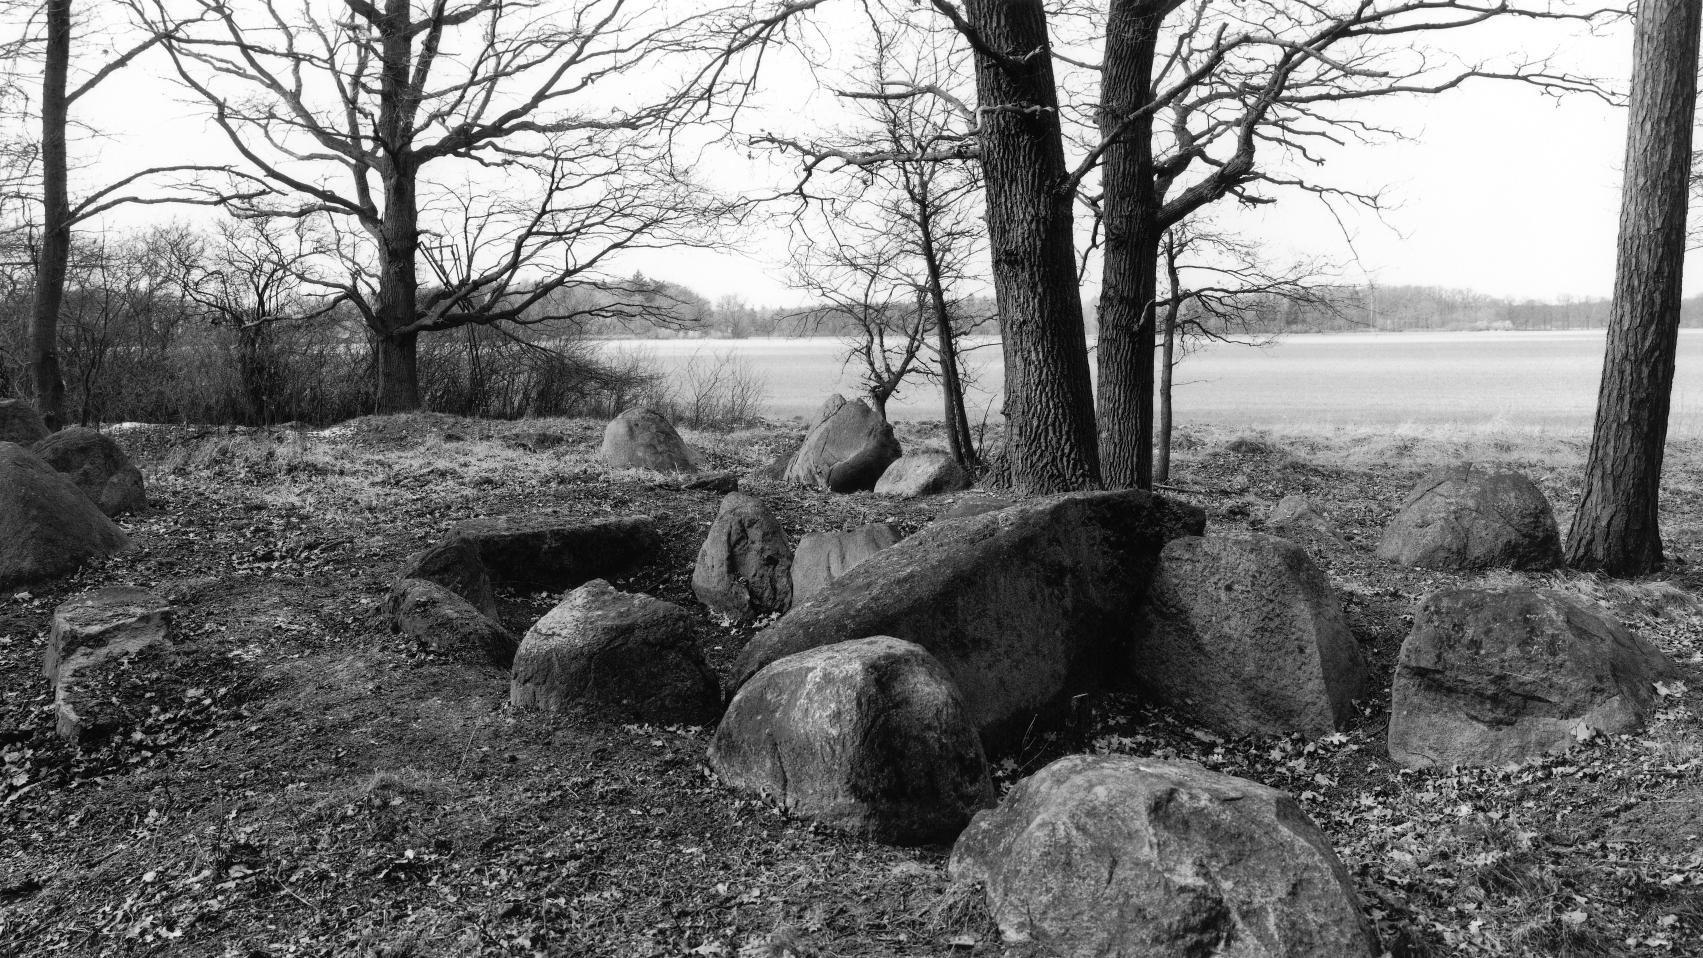 Der Großdolmen von Bretsch, Fundplatz 3, im Landkreis Stendal. © Landesamt für Denkmalpflege und Archäologie Sachsen-Anhalt, Juraj Lipták.